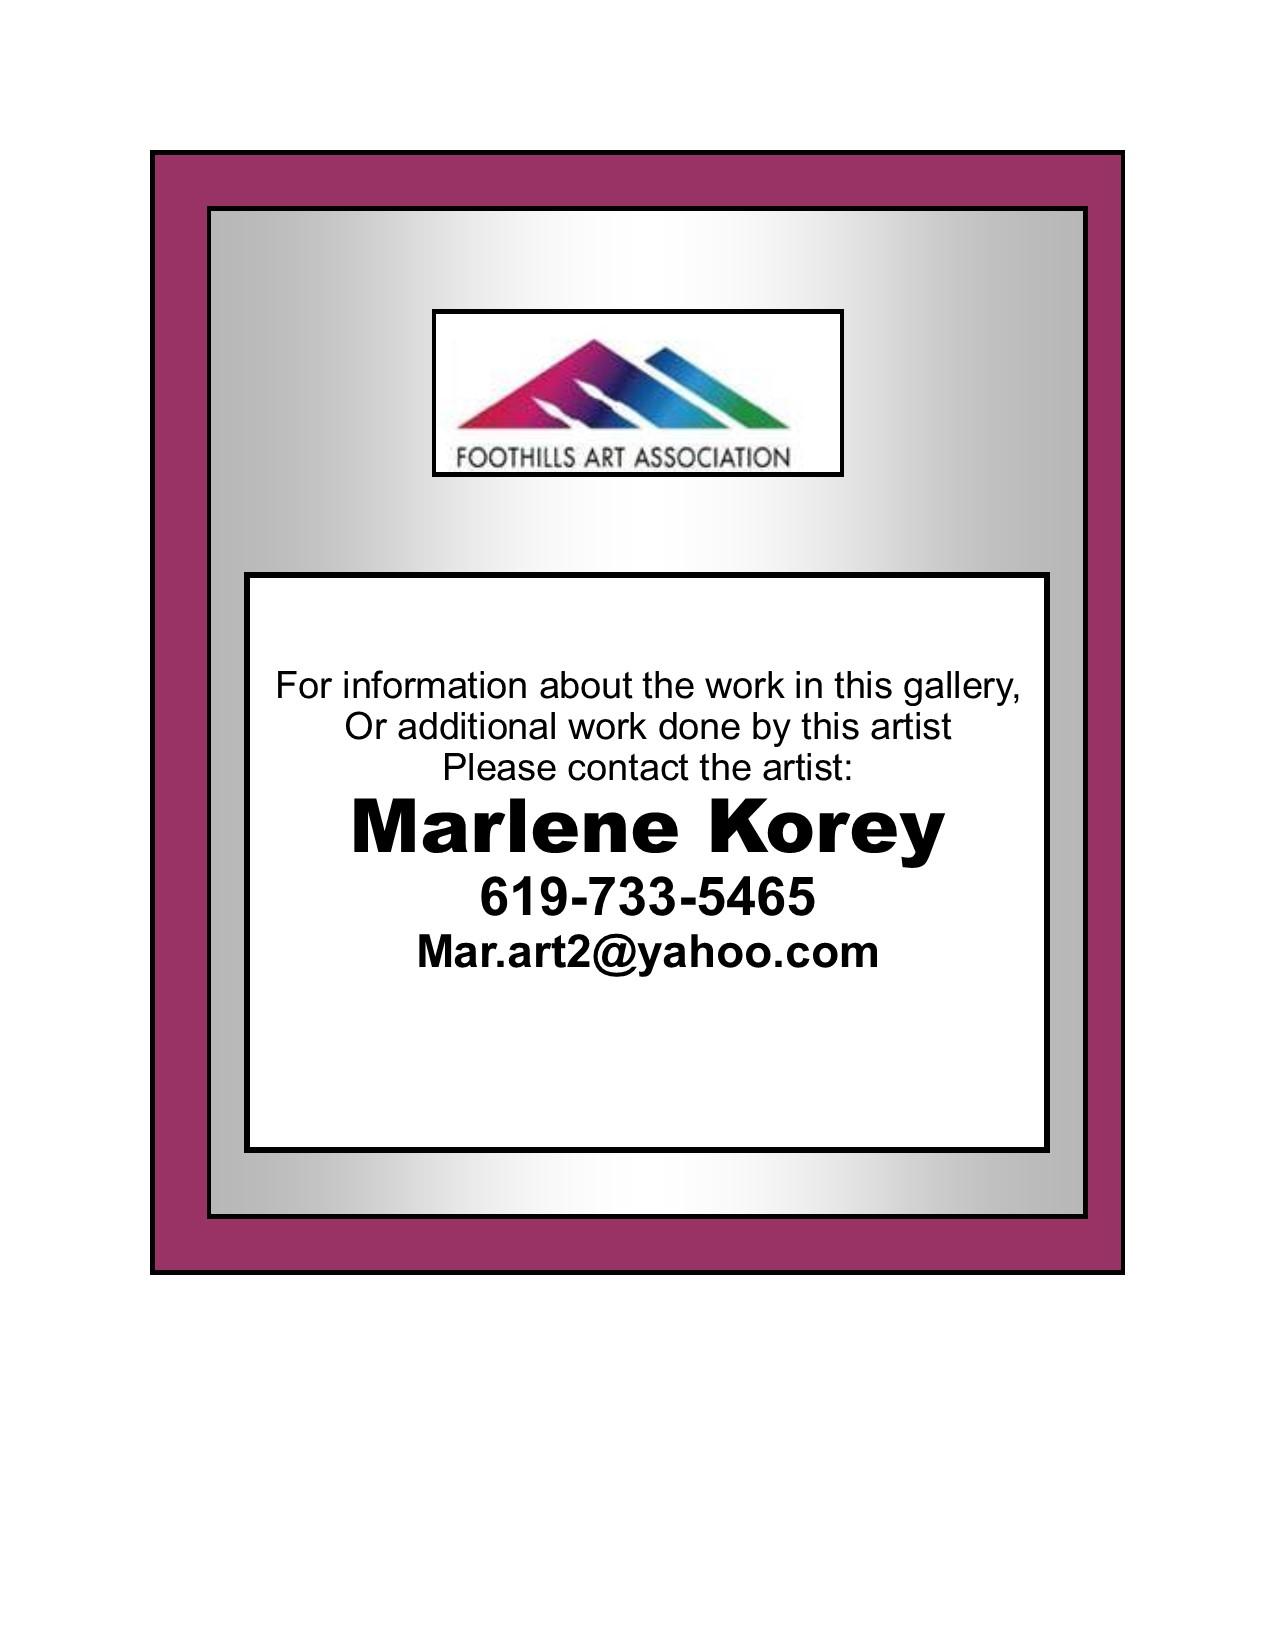 Contact Marlene Korey